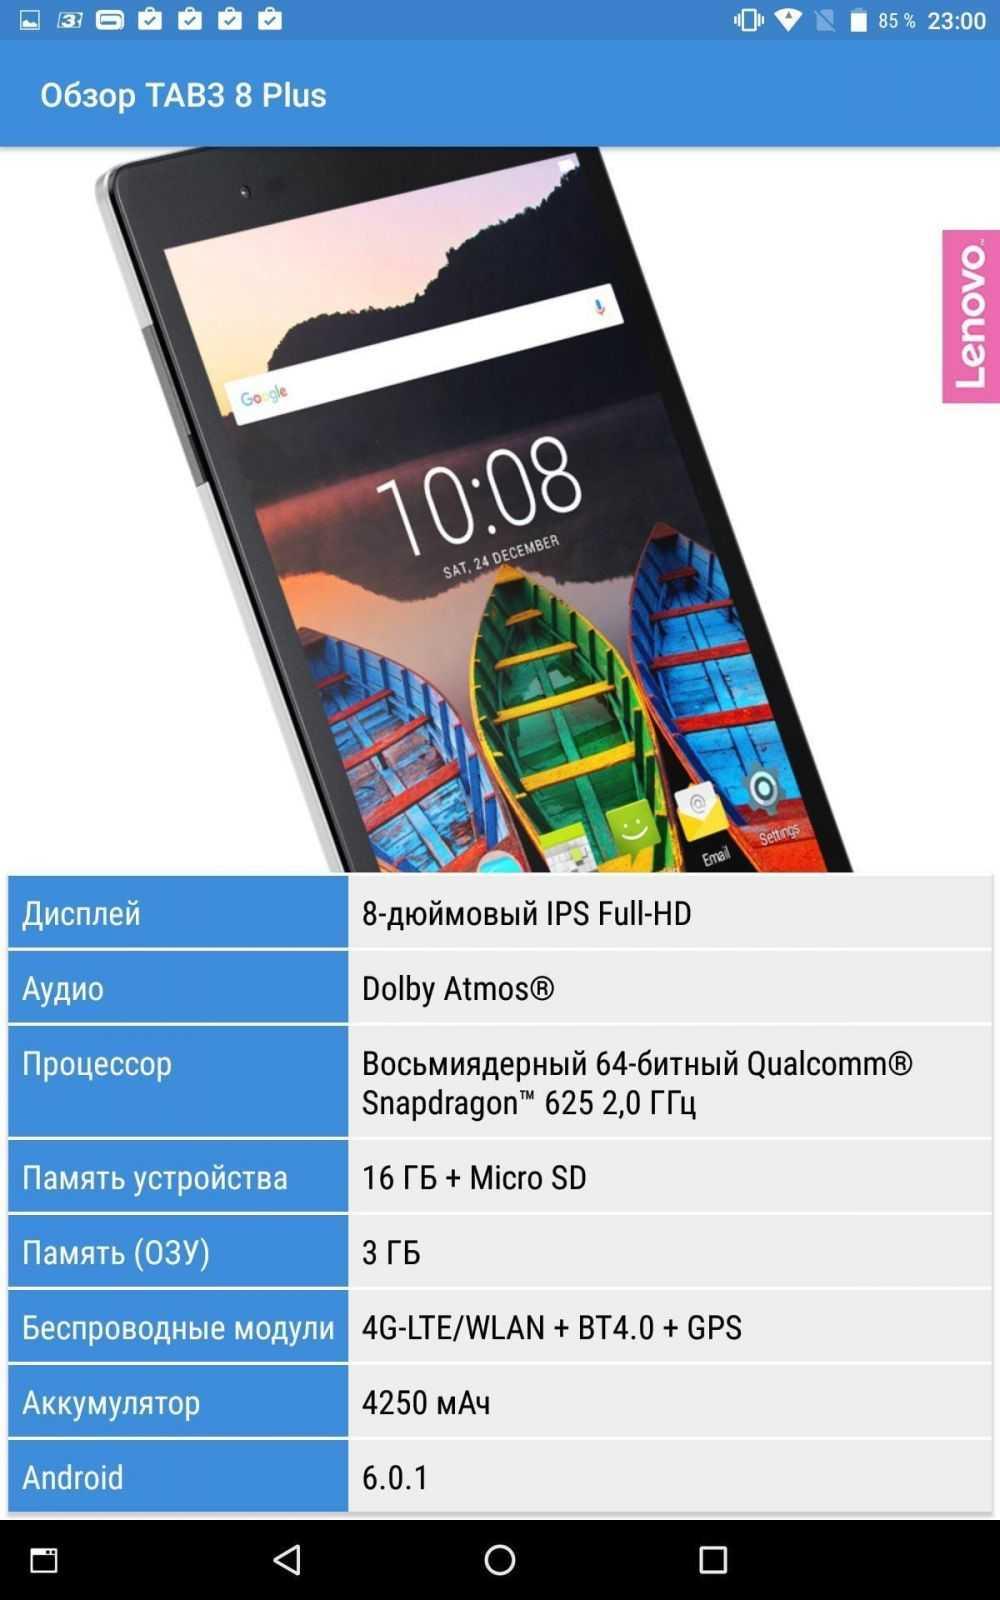 lenovo tab3 8 plus 439 - Обзор планшета Lenovo Tab3 8 Plus